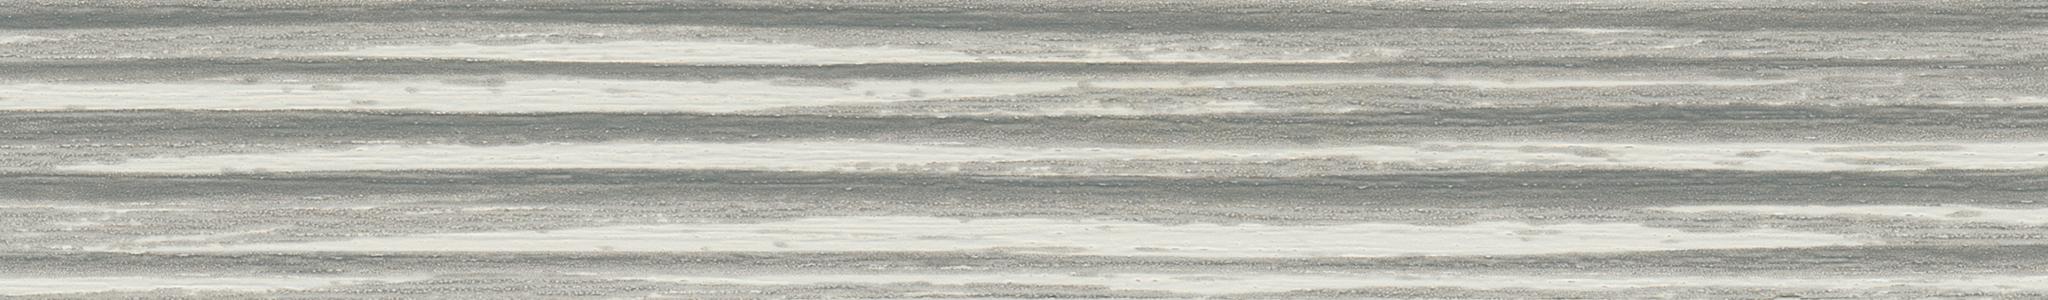 HD 298439 кромка ABS макасар серый гравировка